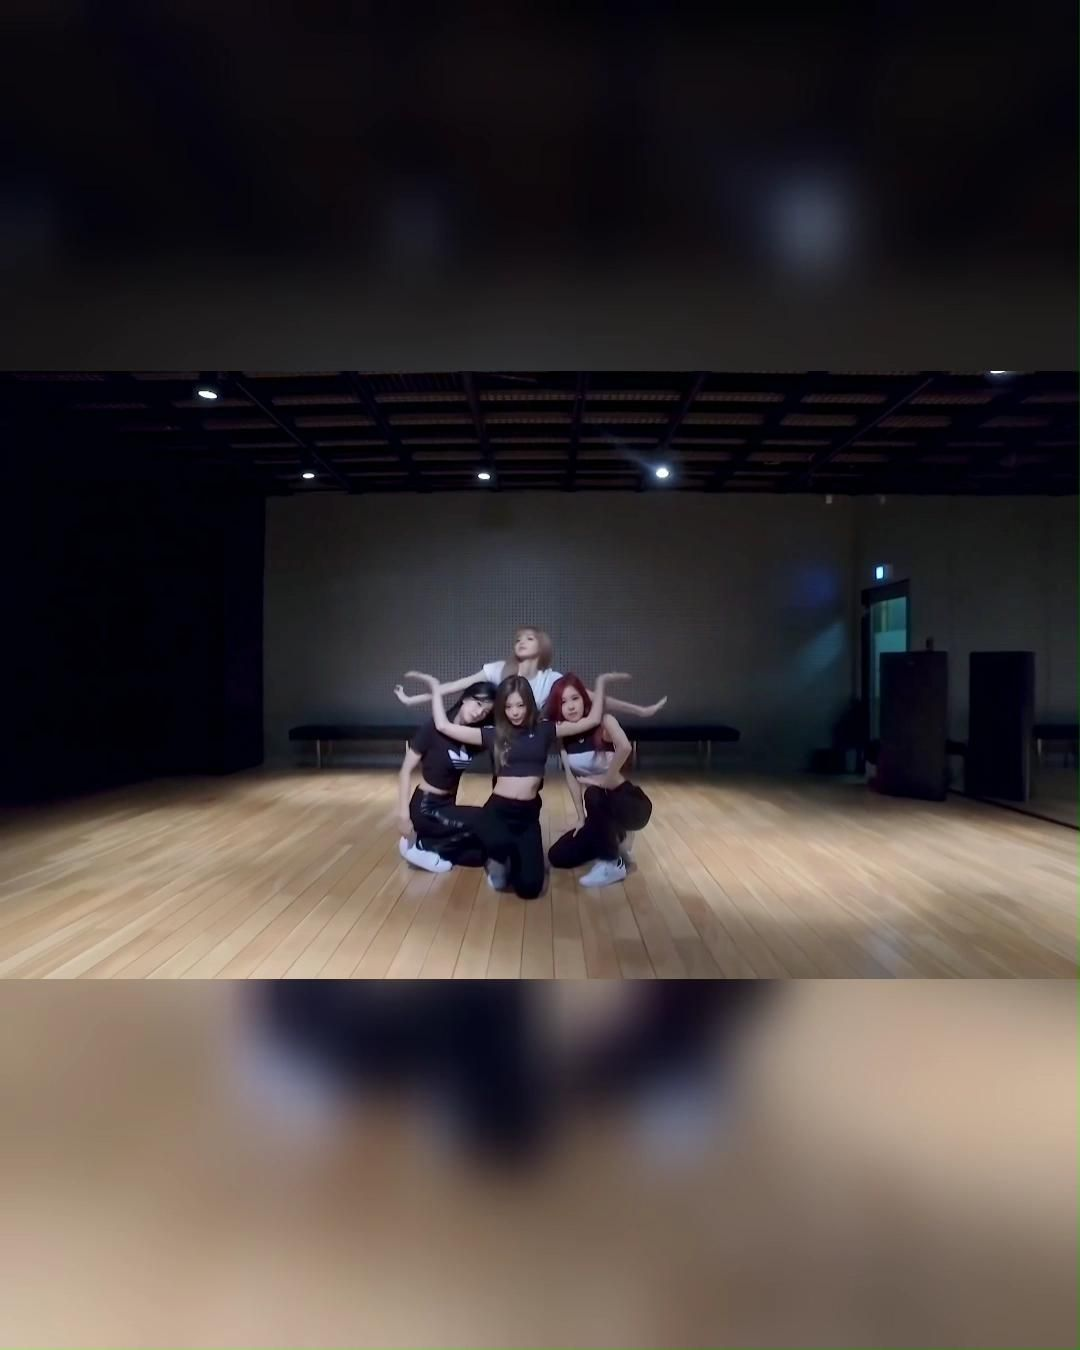 Blackpink - Ddu Du Ddu Du (Dance Practice Full Video)